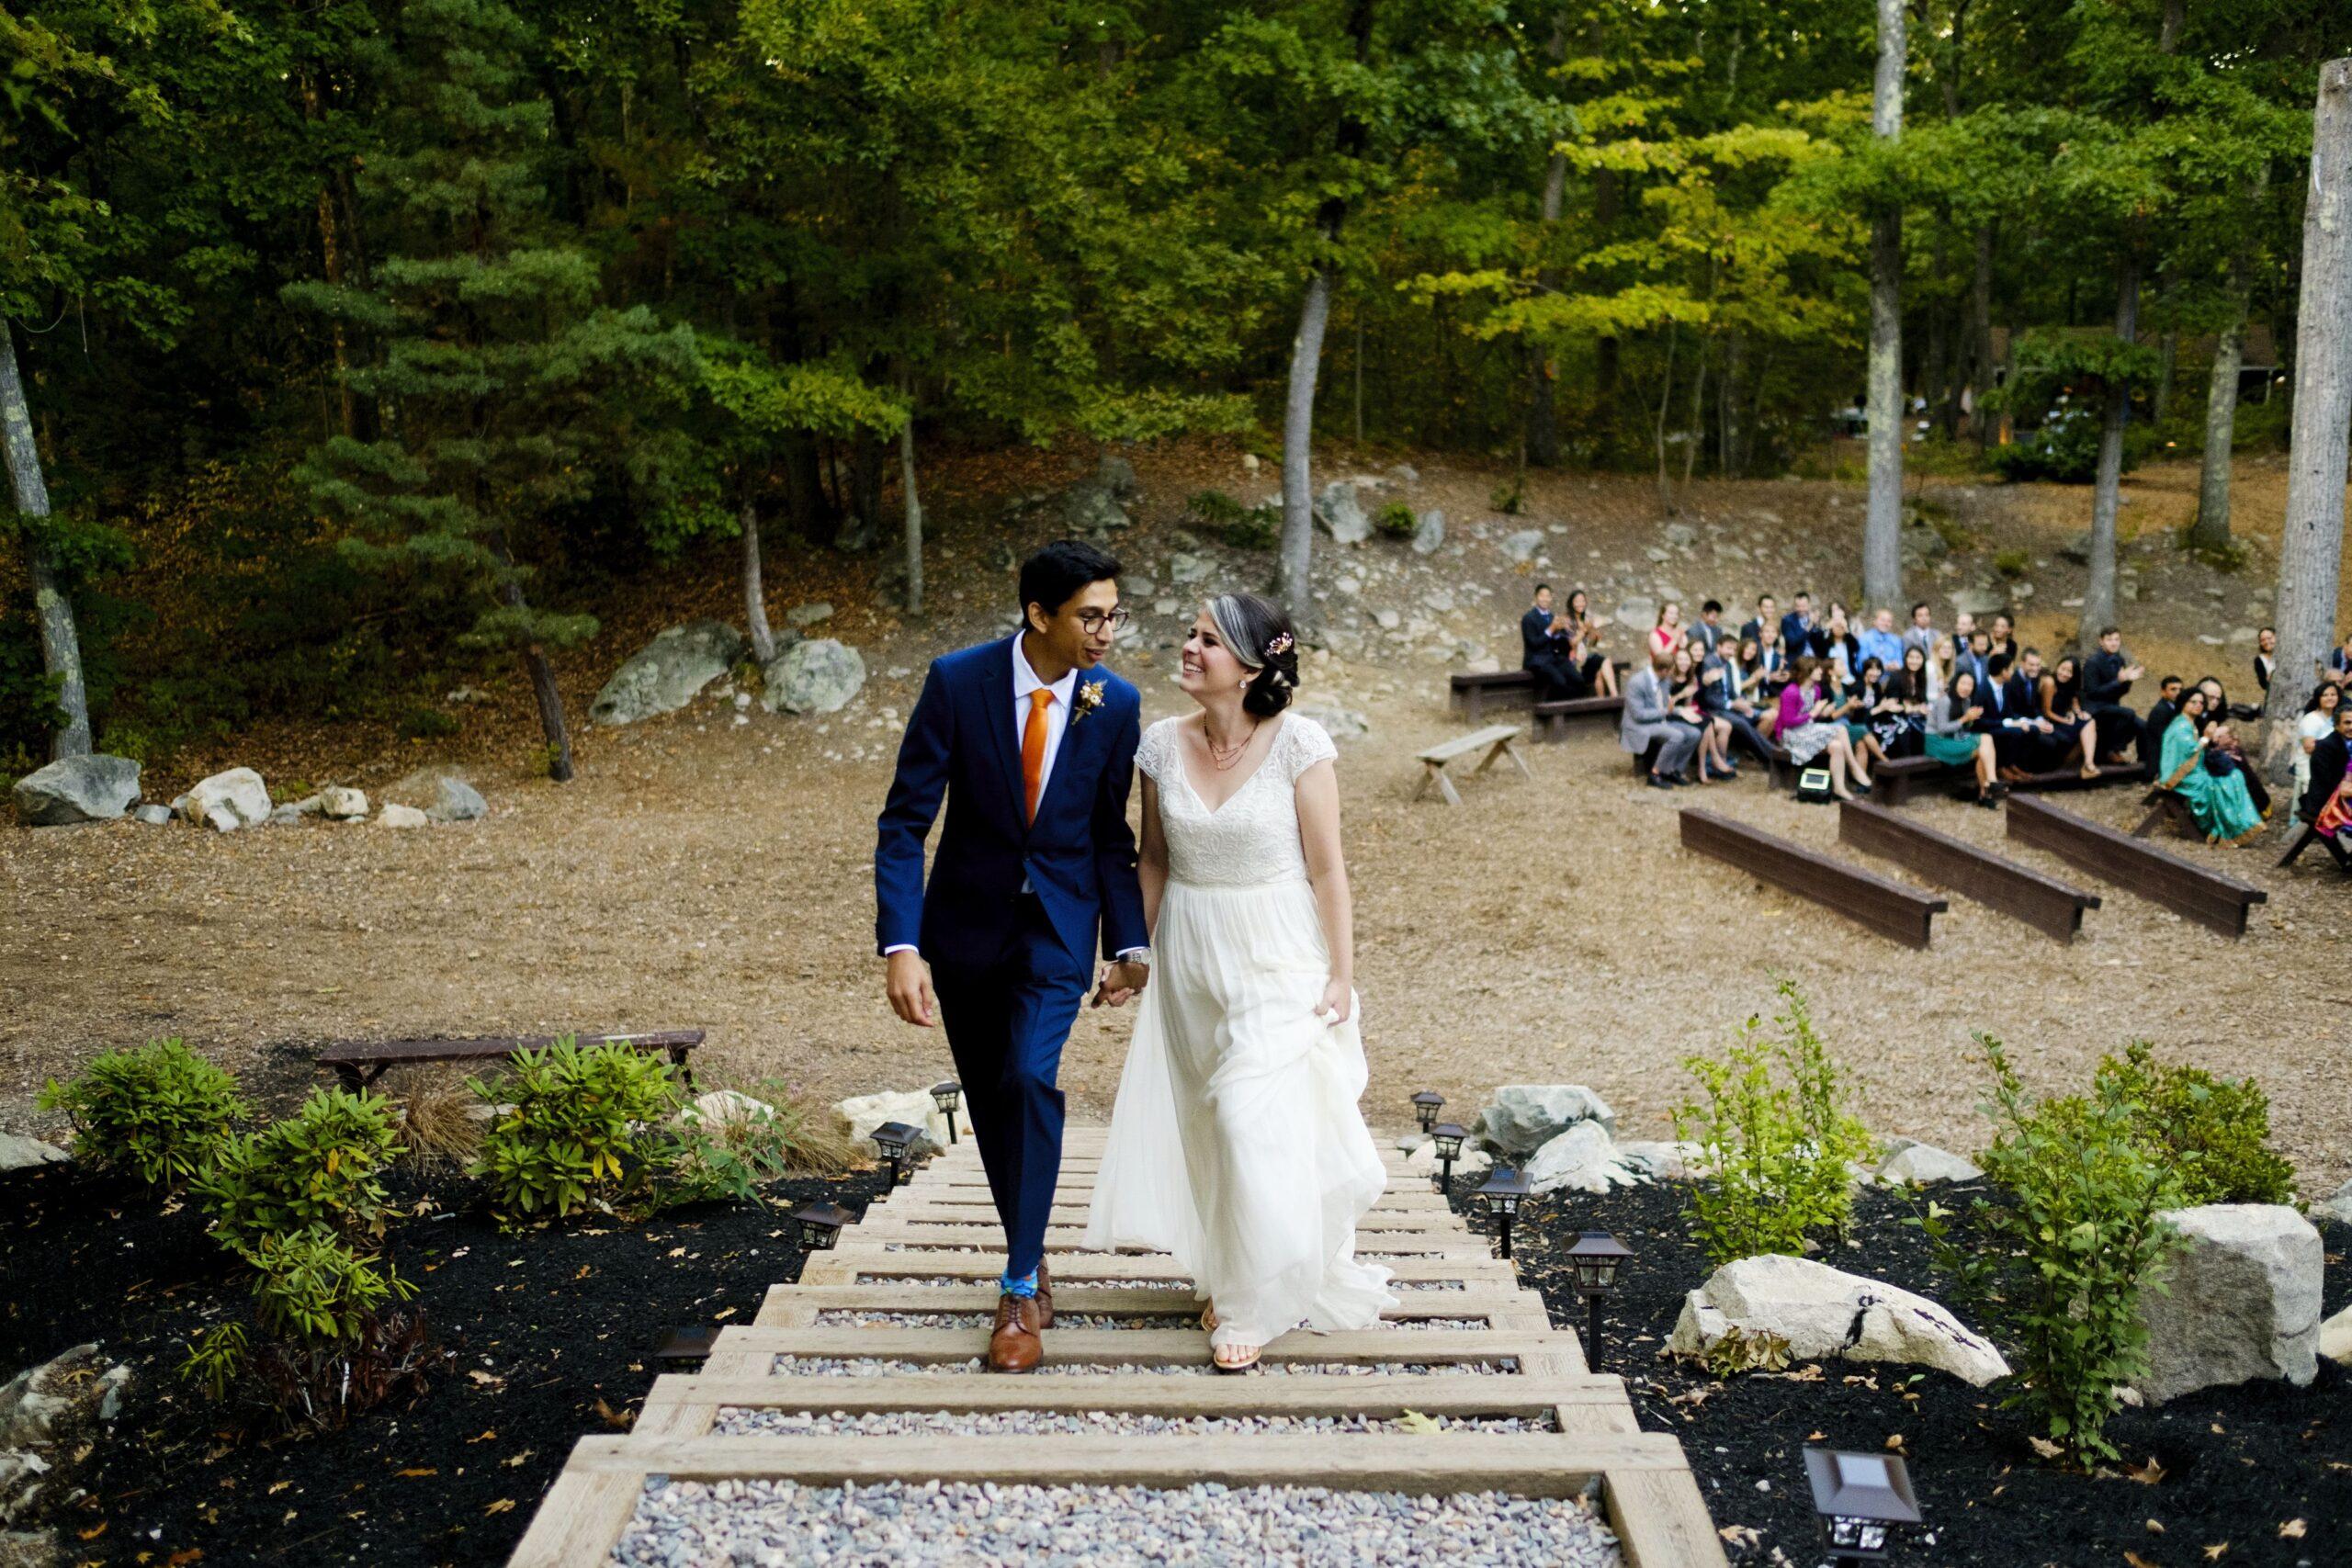 Rent our Venue for a Hale Wedding